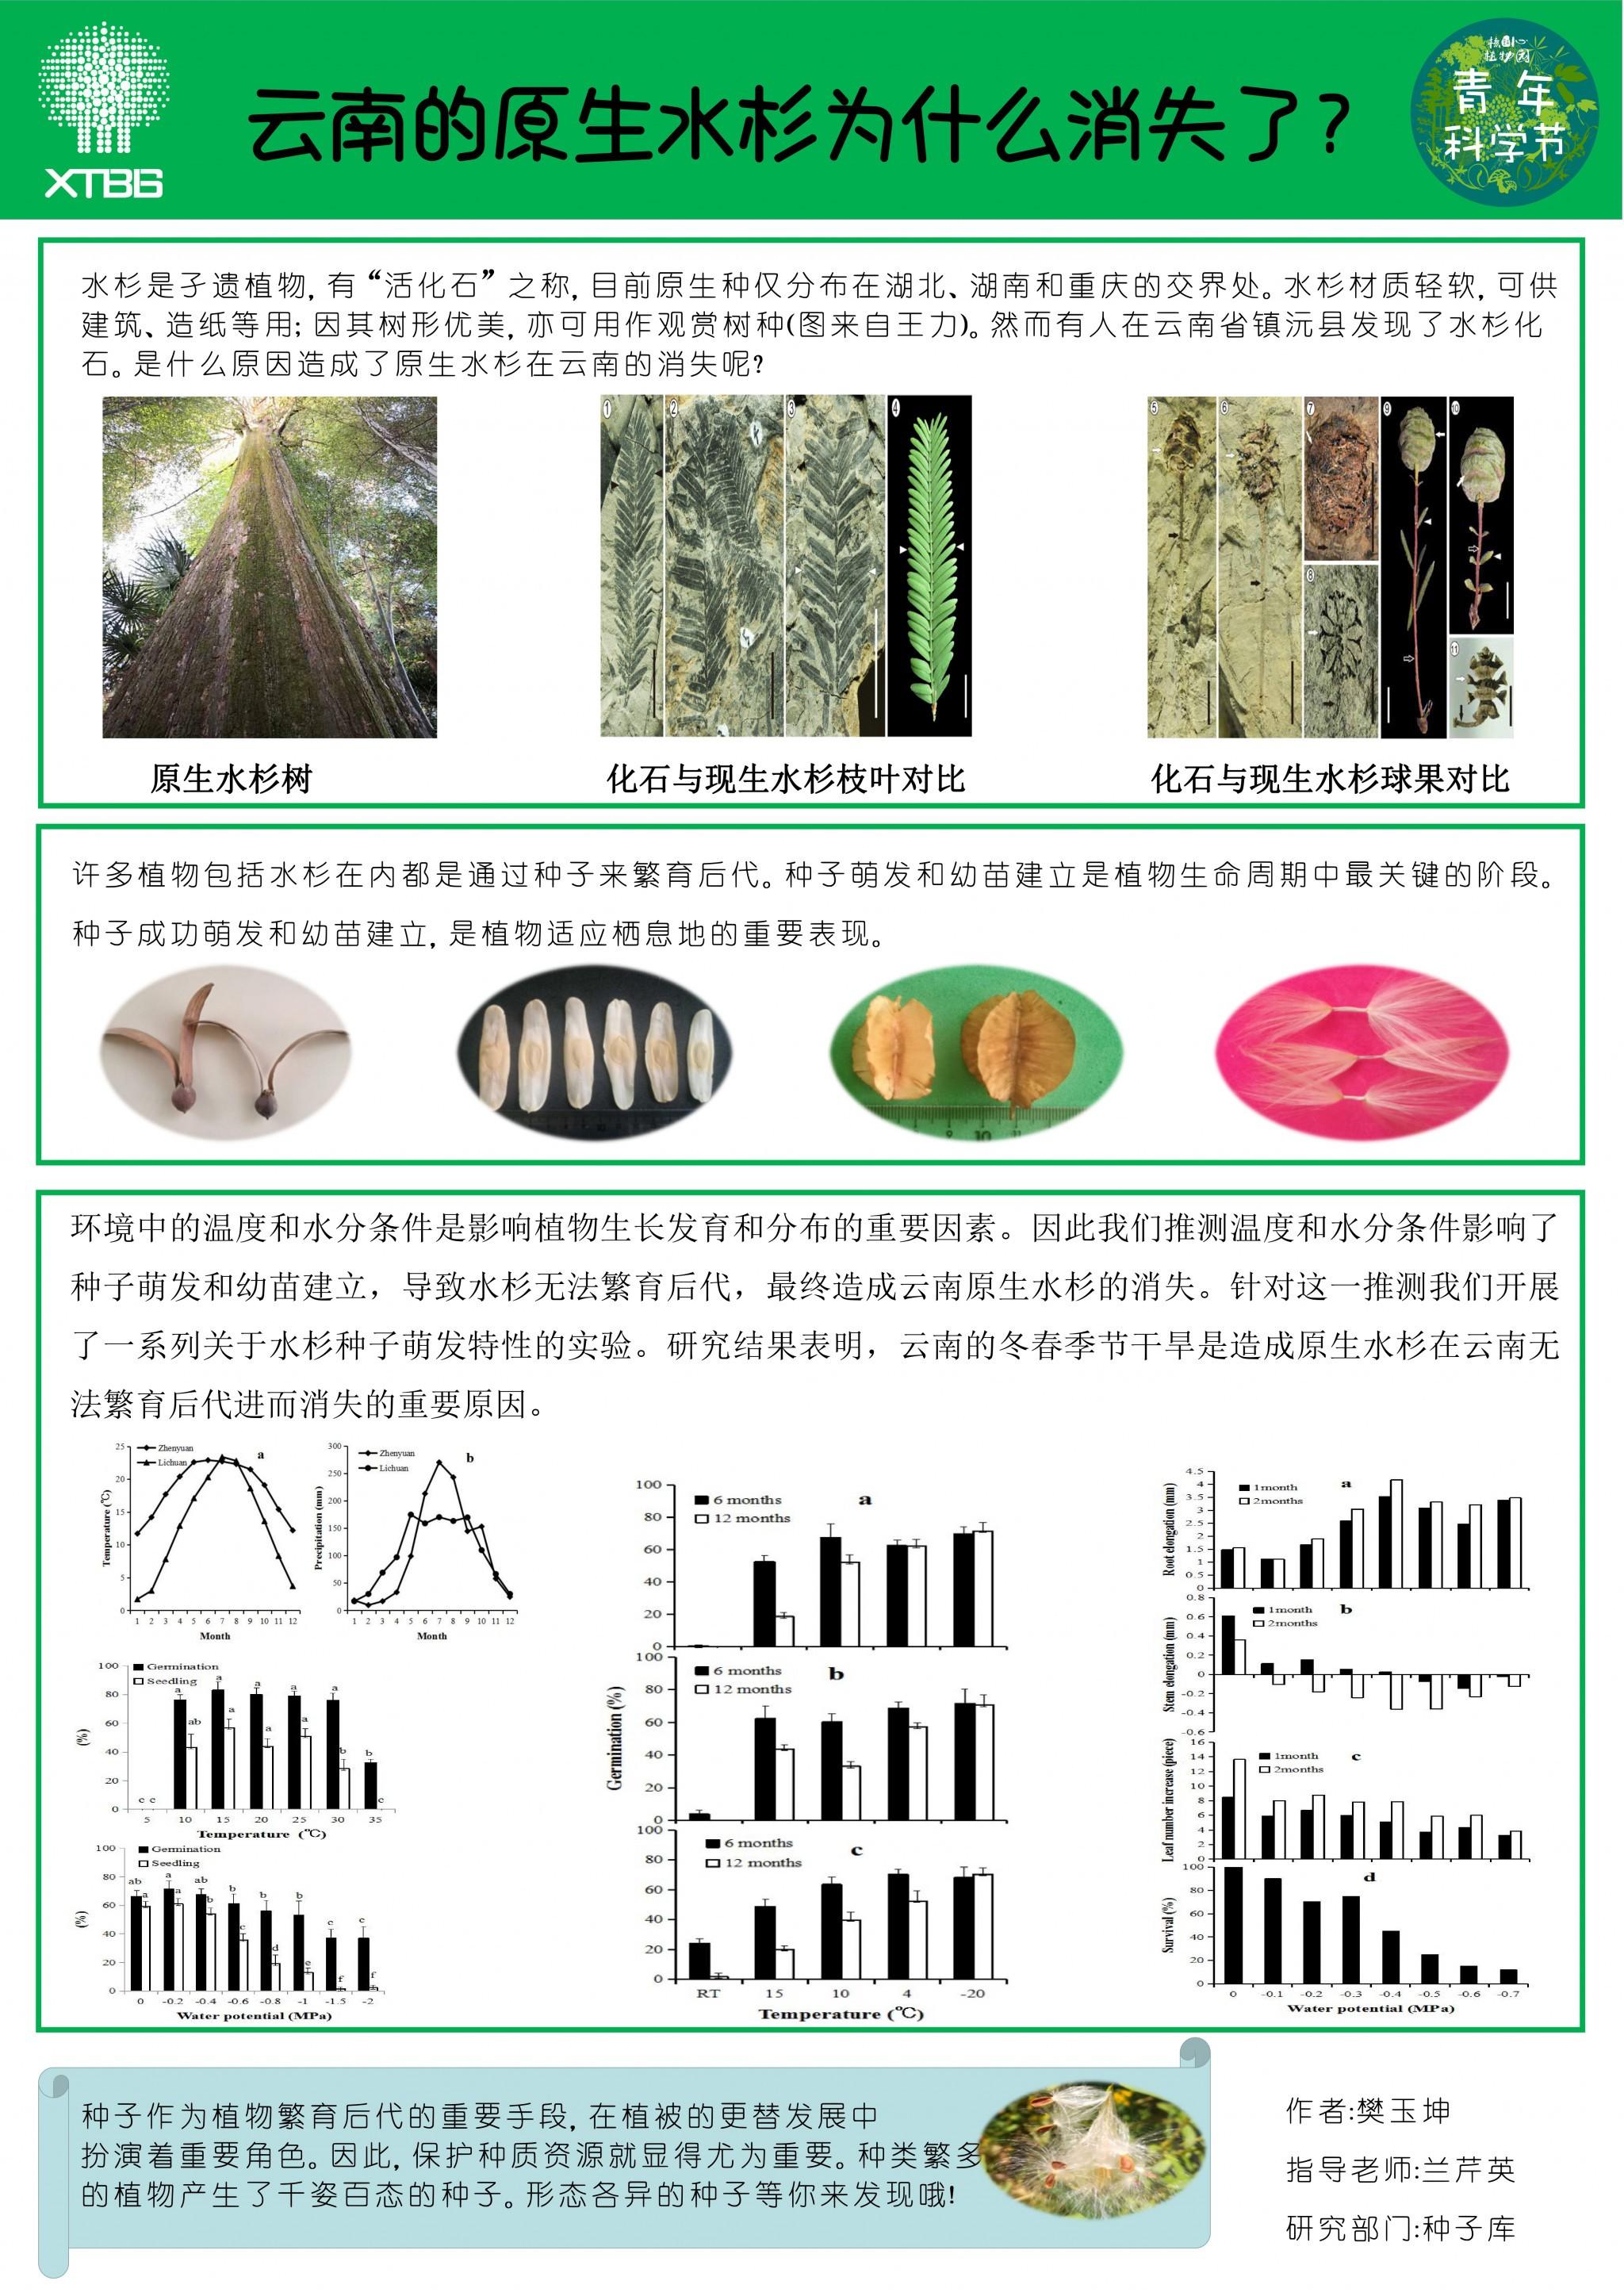 2-6 樊玉坤-云南的原生水杉为什么消失了?